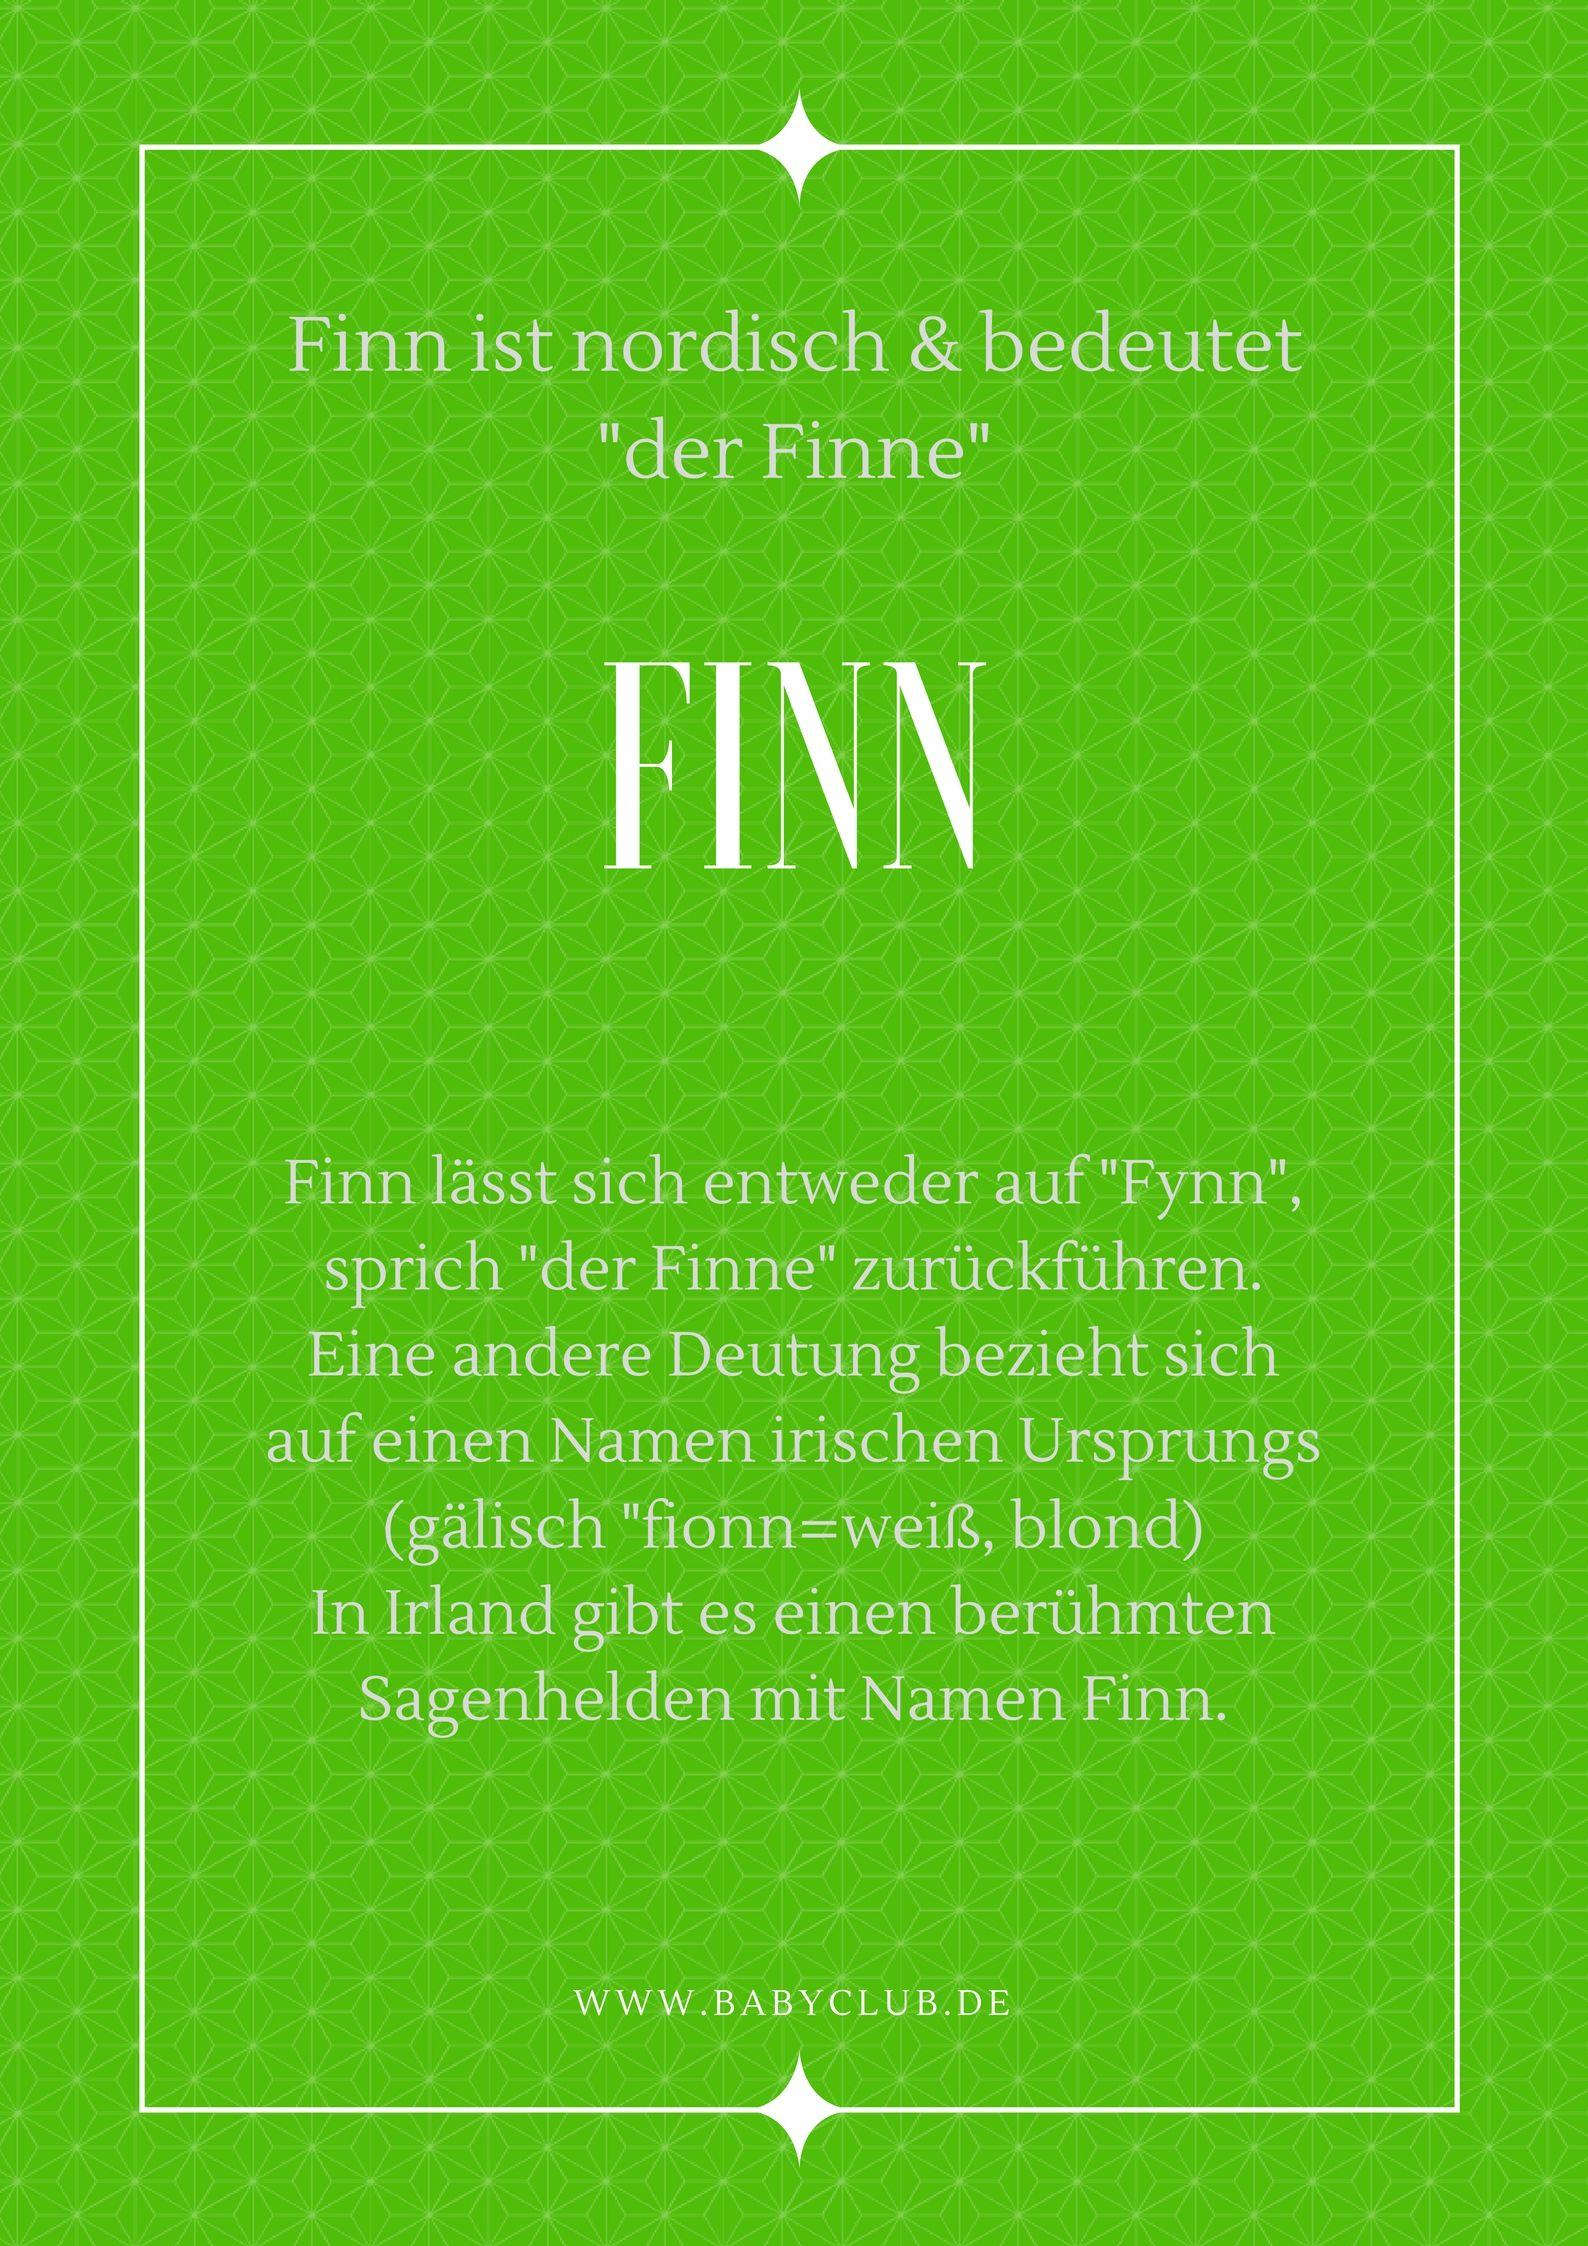 Vorname Finn